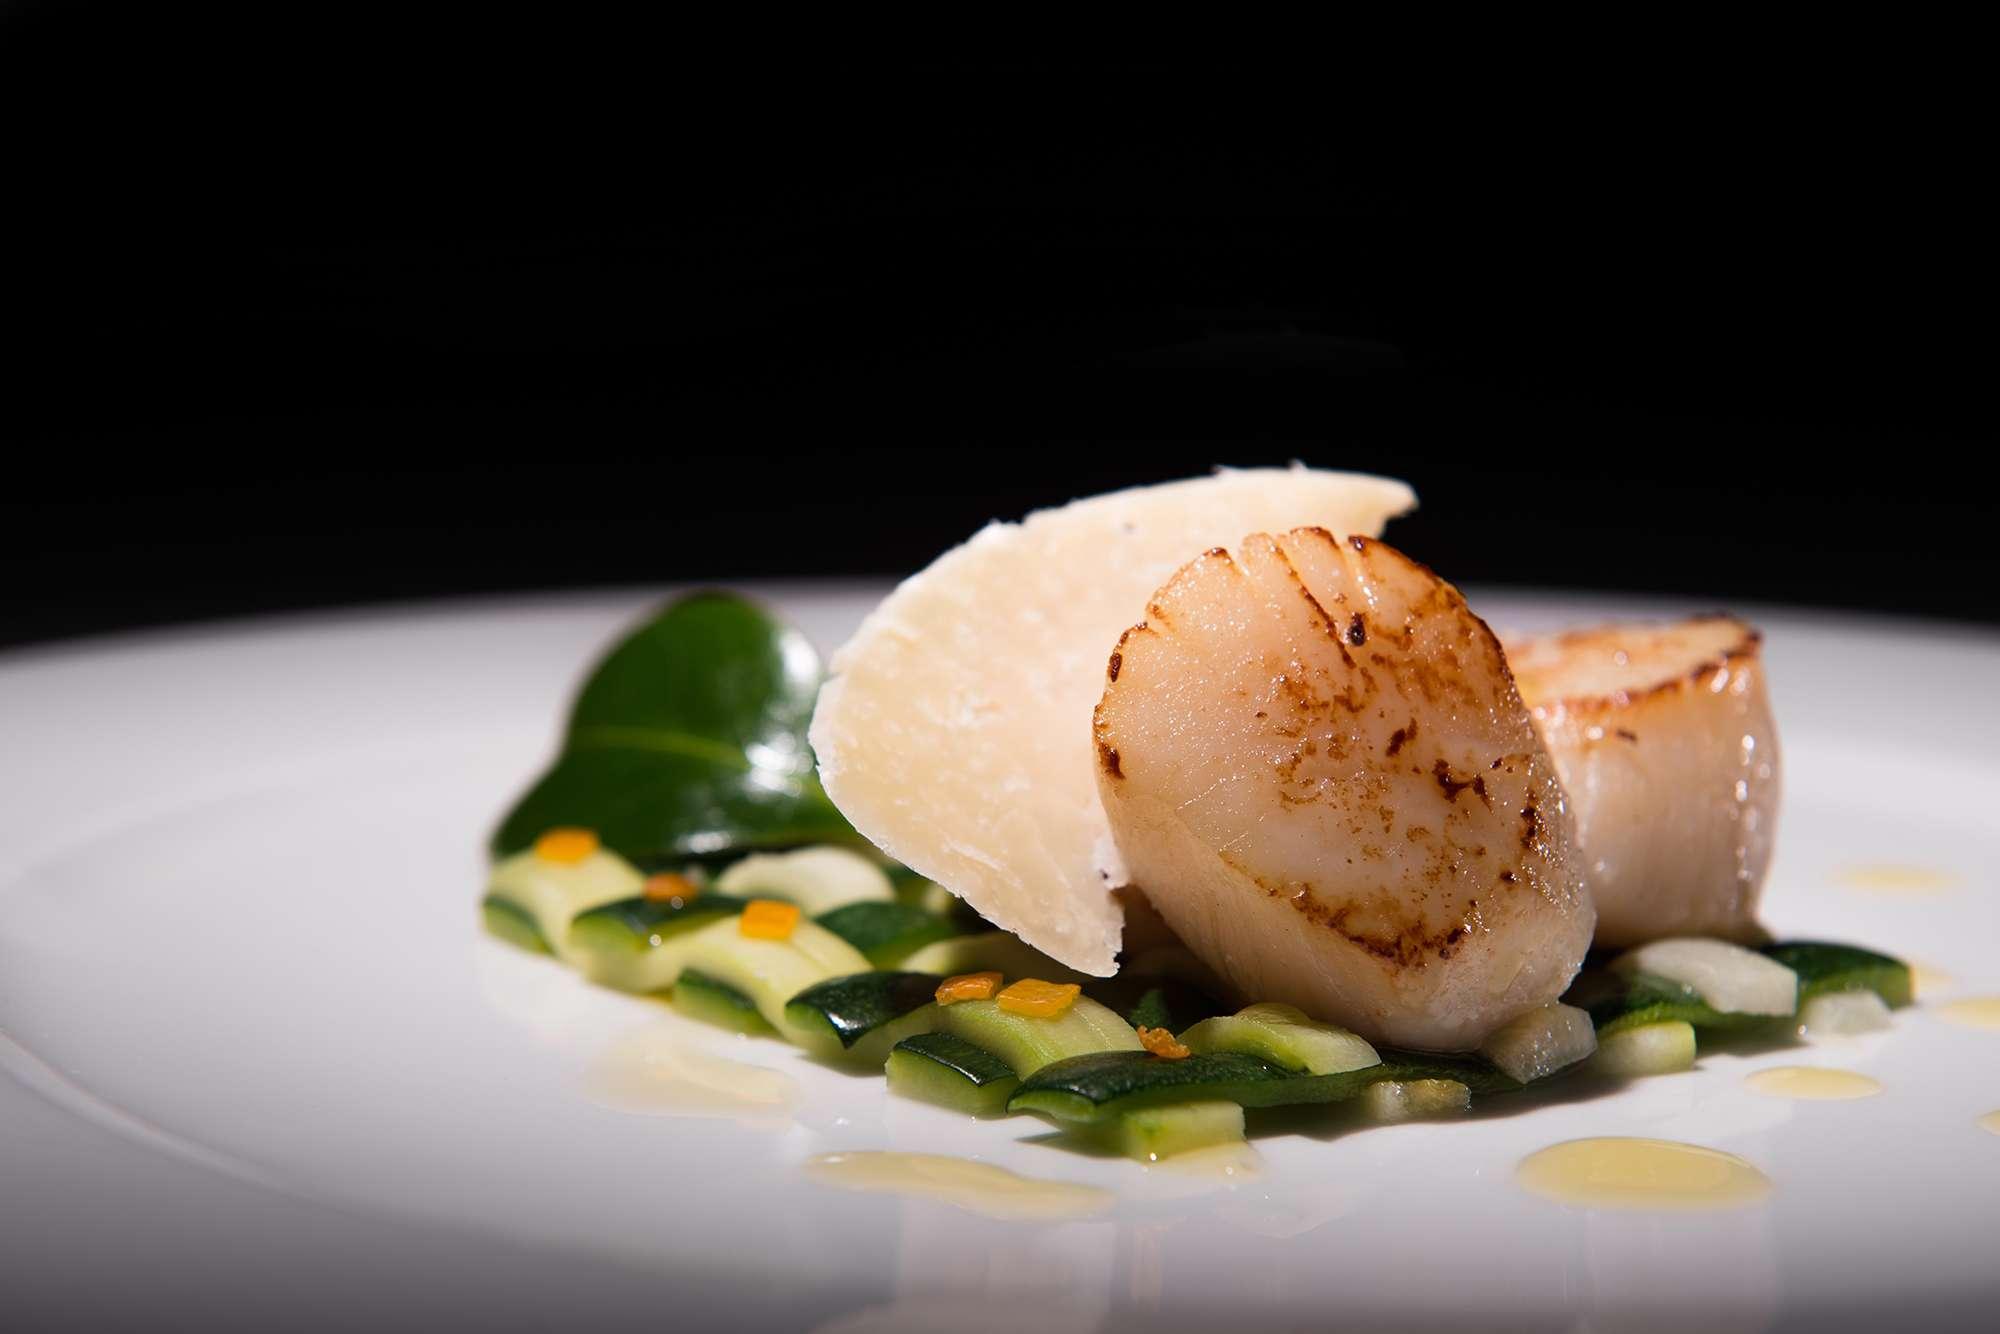 noix de saint jacques restaurant guide michelin bretagne photographe